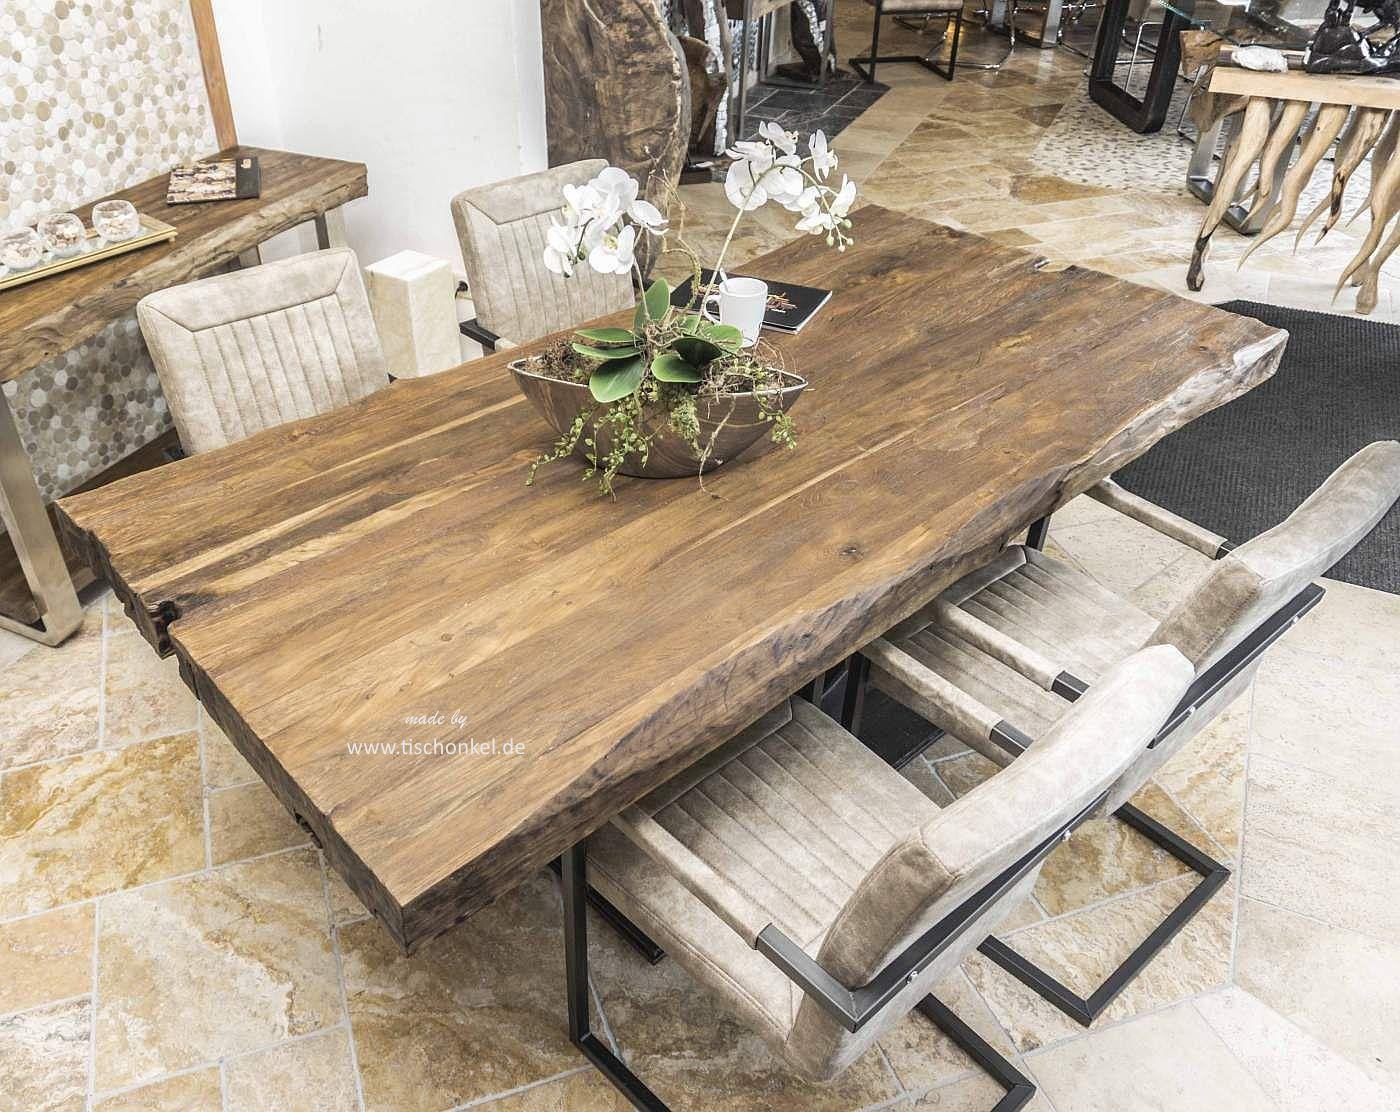 Designer Esstisch mit massiver Tischplatte   Der Tischonkel